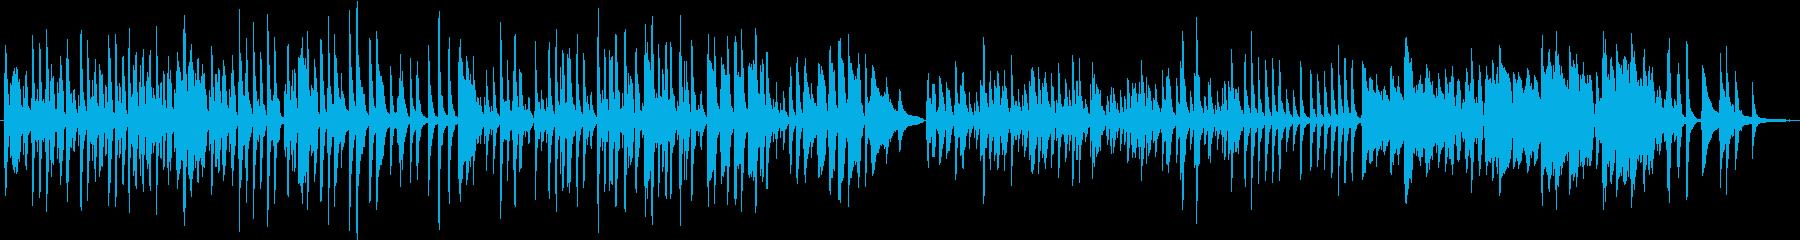 あんたがたどこさ ピアノ 童謡の再生済みの波形